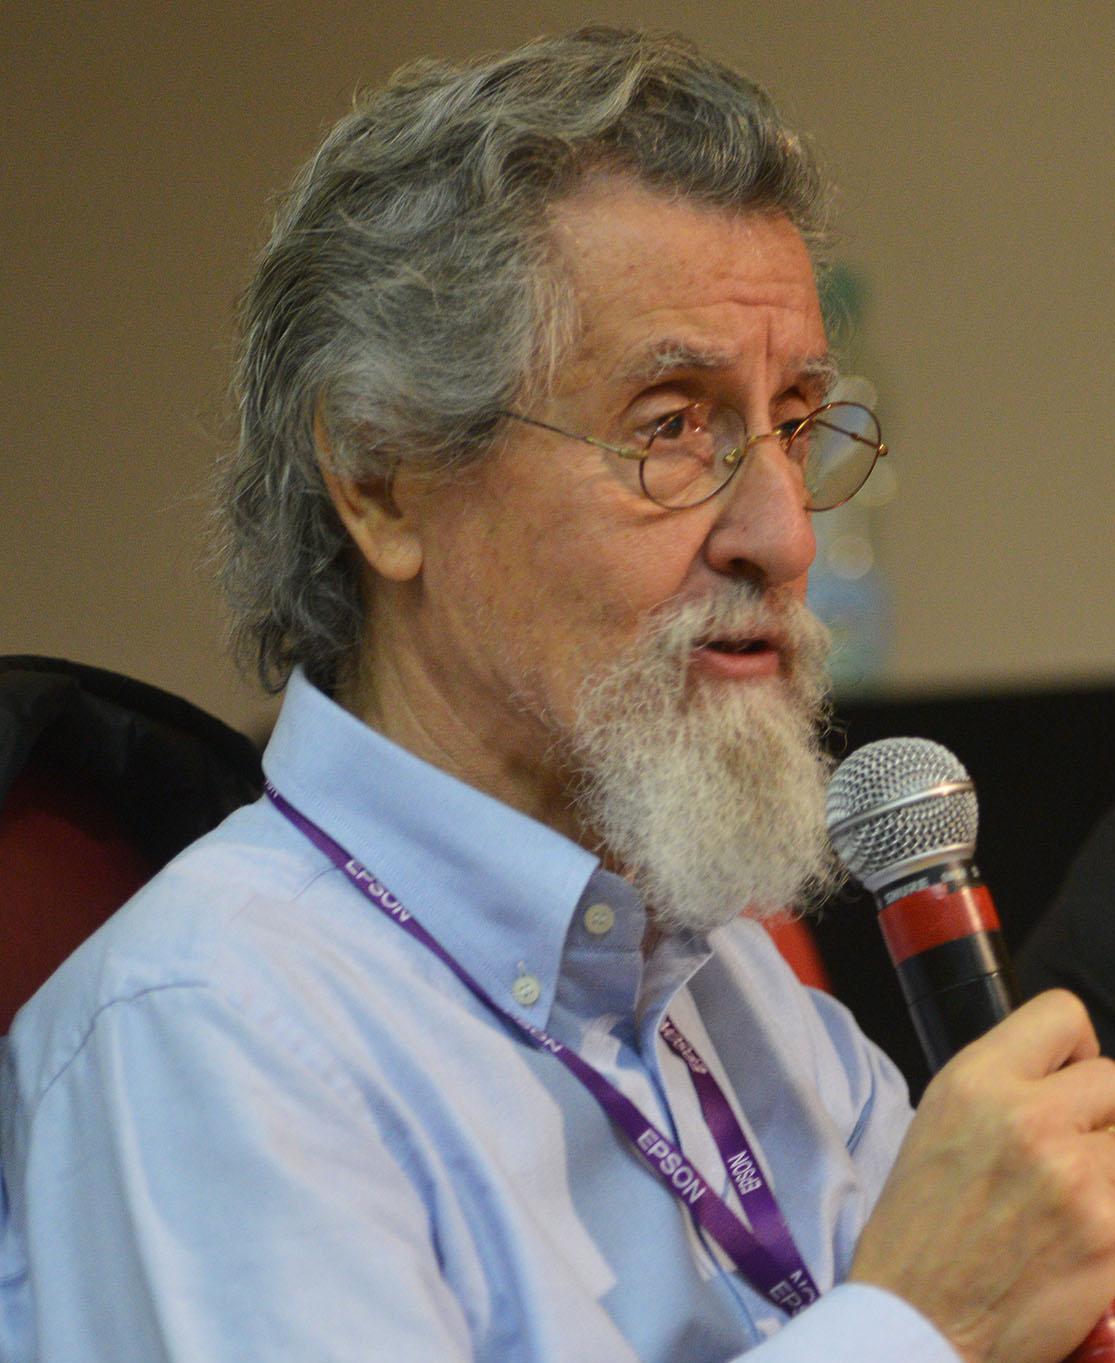 Image of Rafael Navarro Garralaga from Wikidata